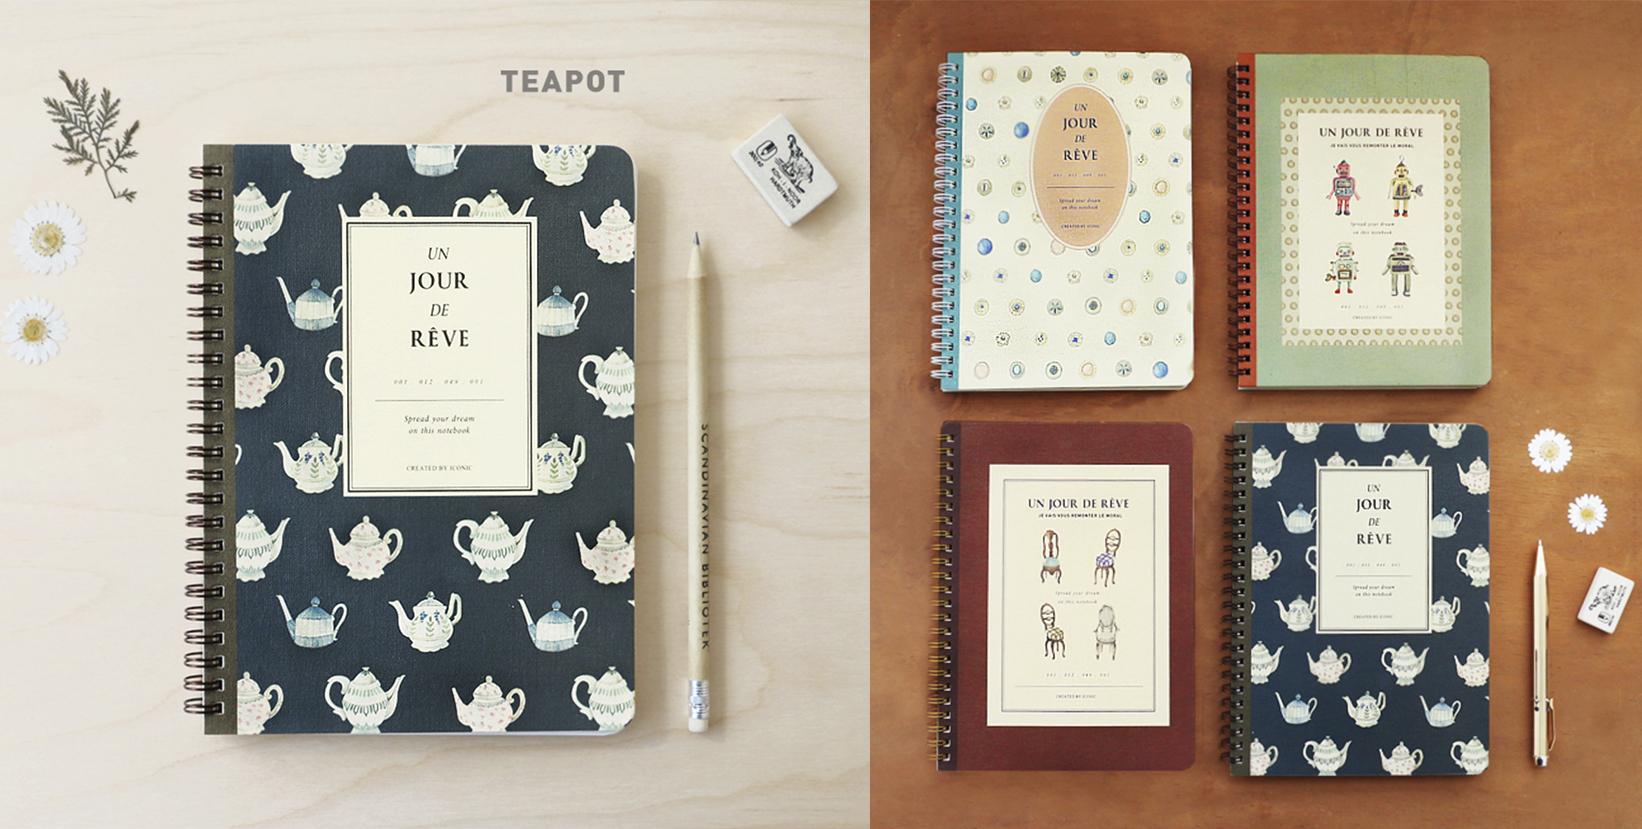 Cuadernos retro